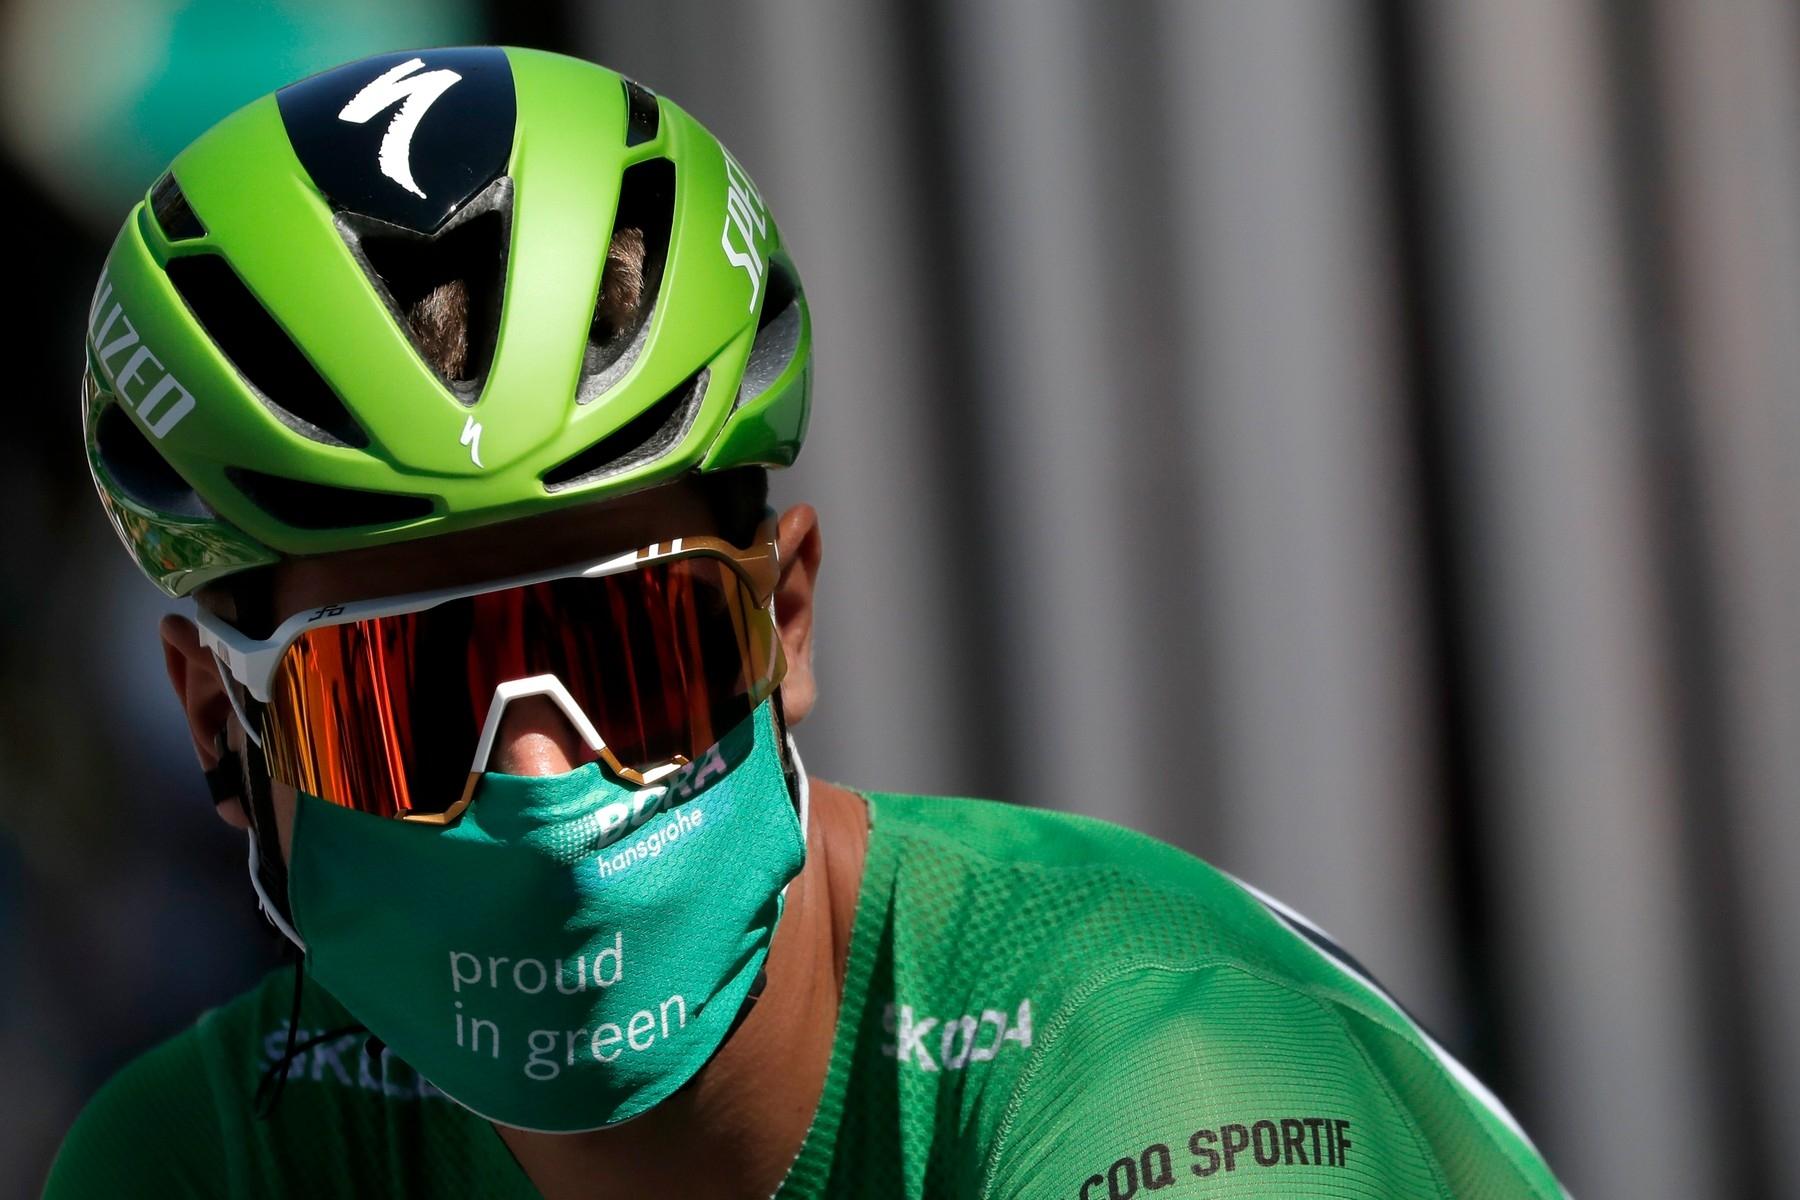 Peter Sagan po třetině Tour de France 2020 vládl bodovací soutěži. Doveze zelený trikot až do Paříže? Foto: profimedia